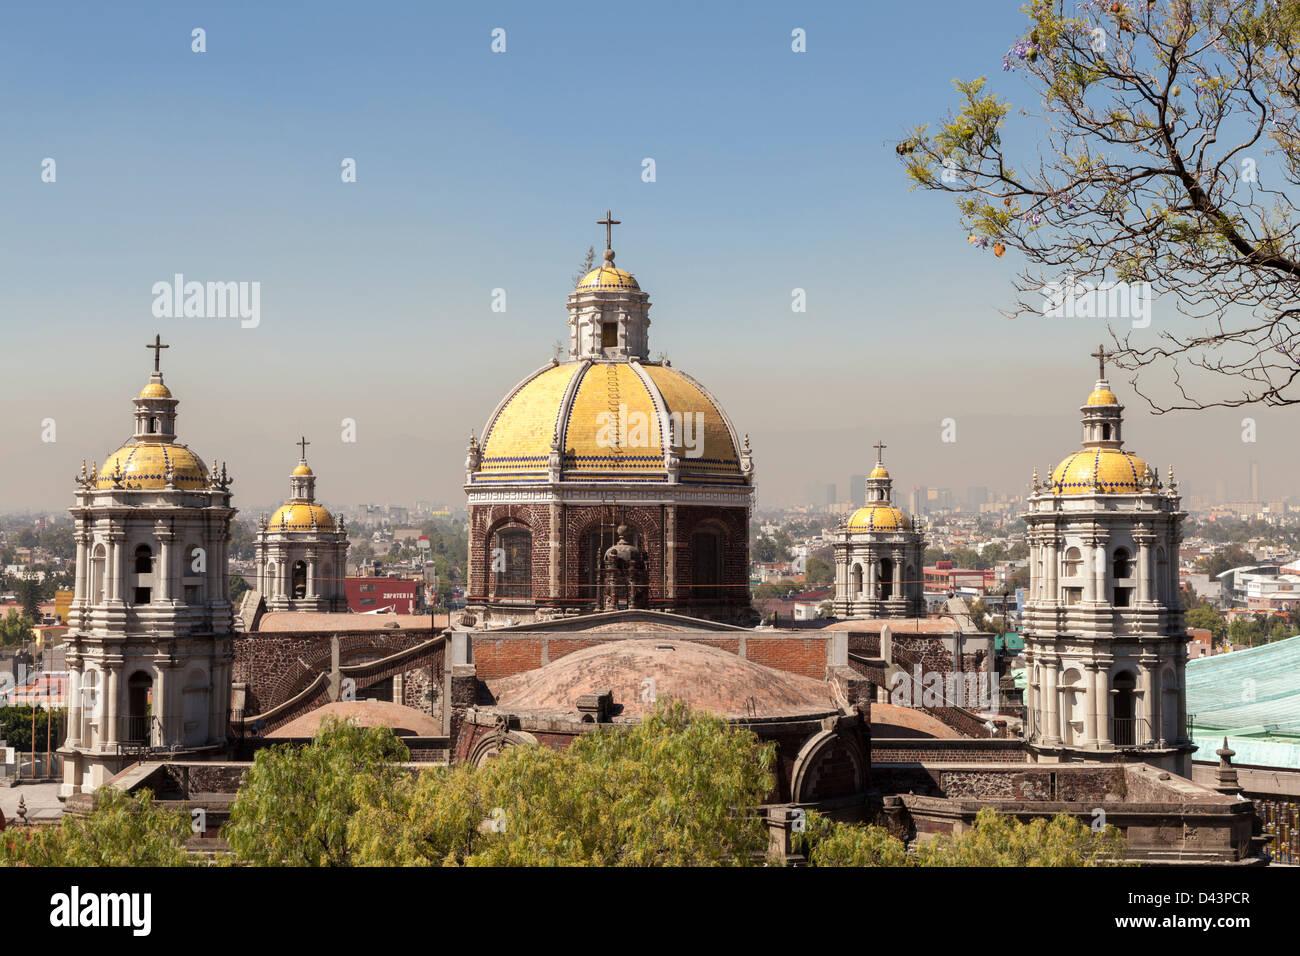 La Basílica de Guadalupe en la Ciudad de México es el principal lugar de peregrinación en la capital Imagen De Stock